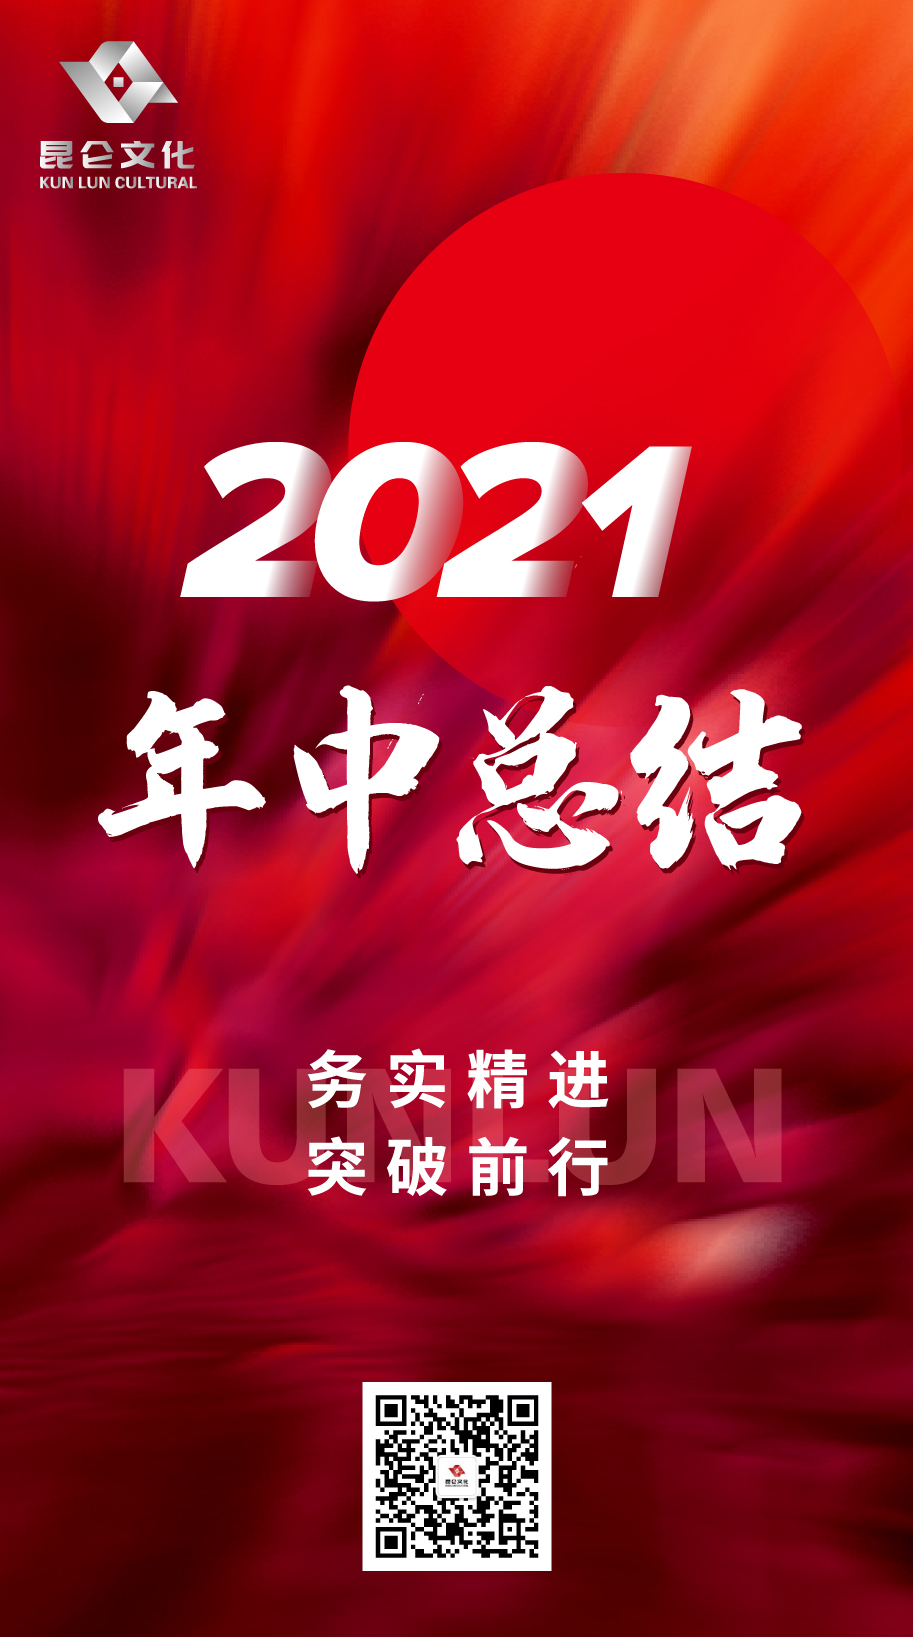 盘点、展望、激励,再书新画卷——昆仑文化2021年中总结大会